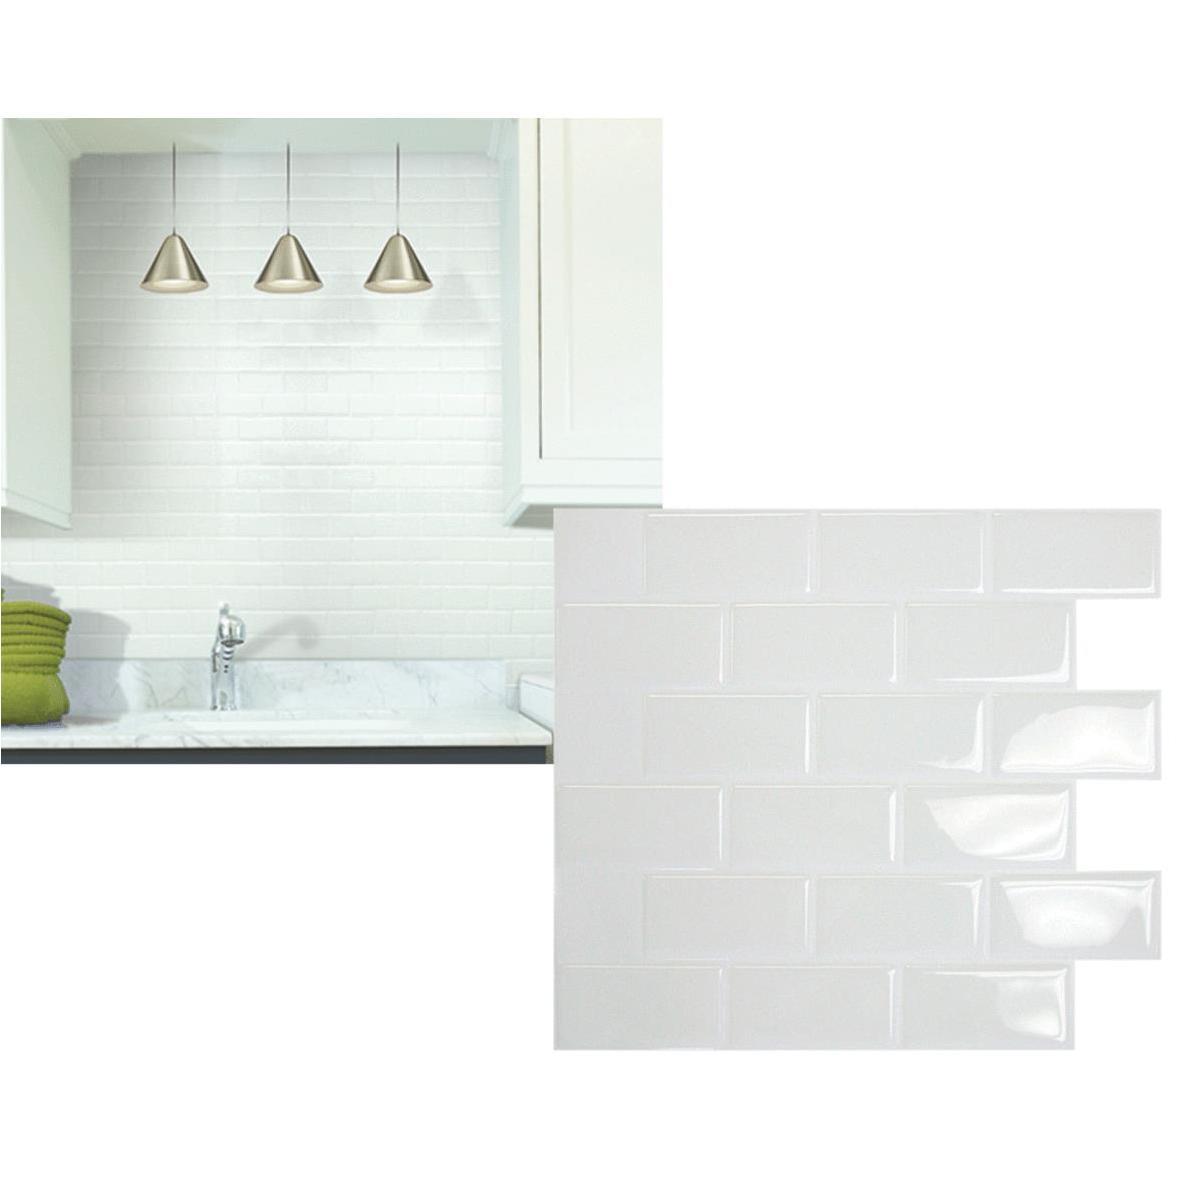 smart tiles 10 95 in x 9 70 in glass like plastic backsplash peel stick white subway tile